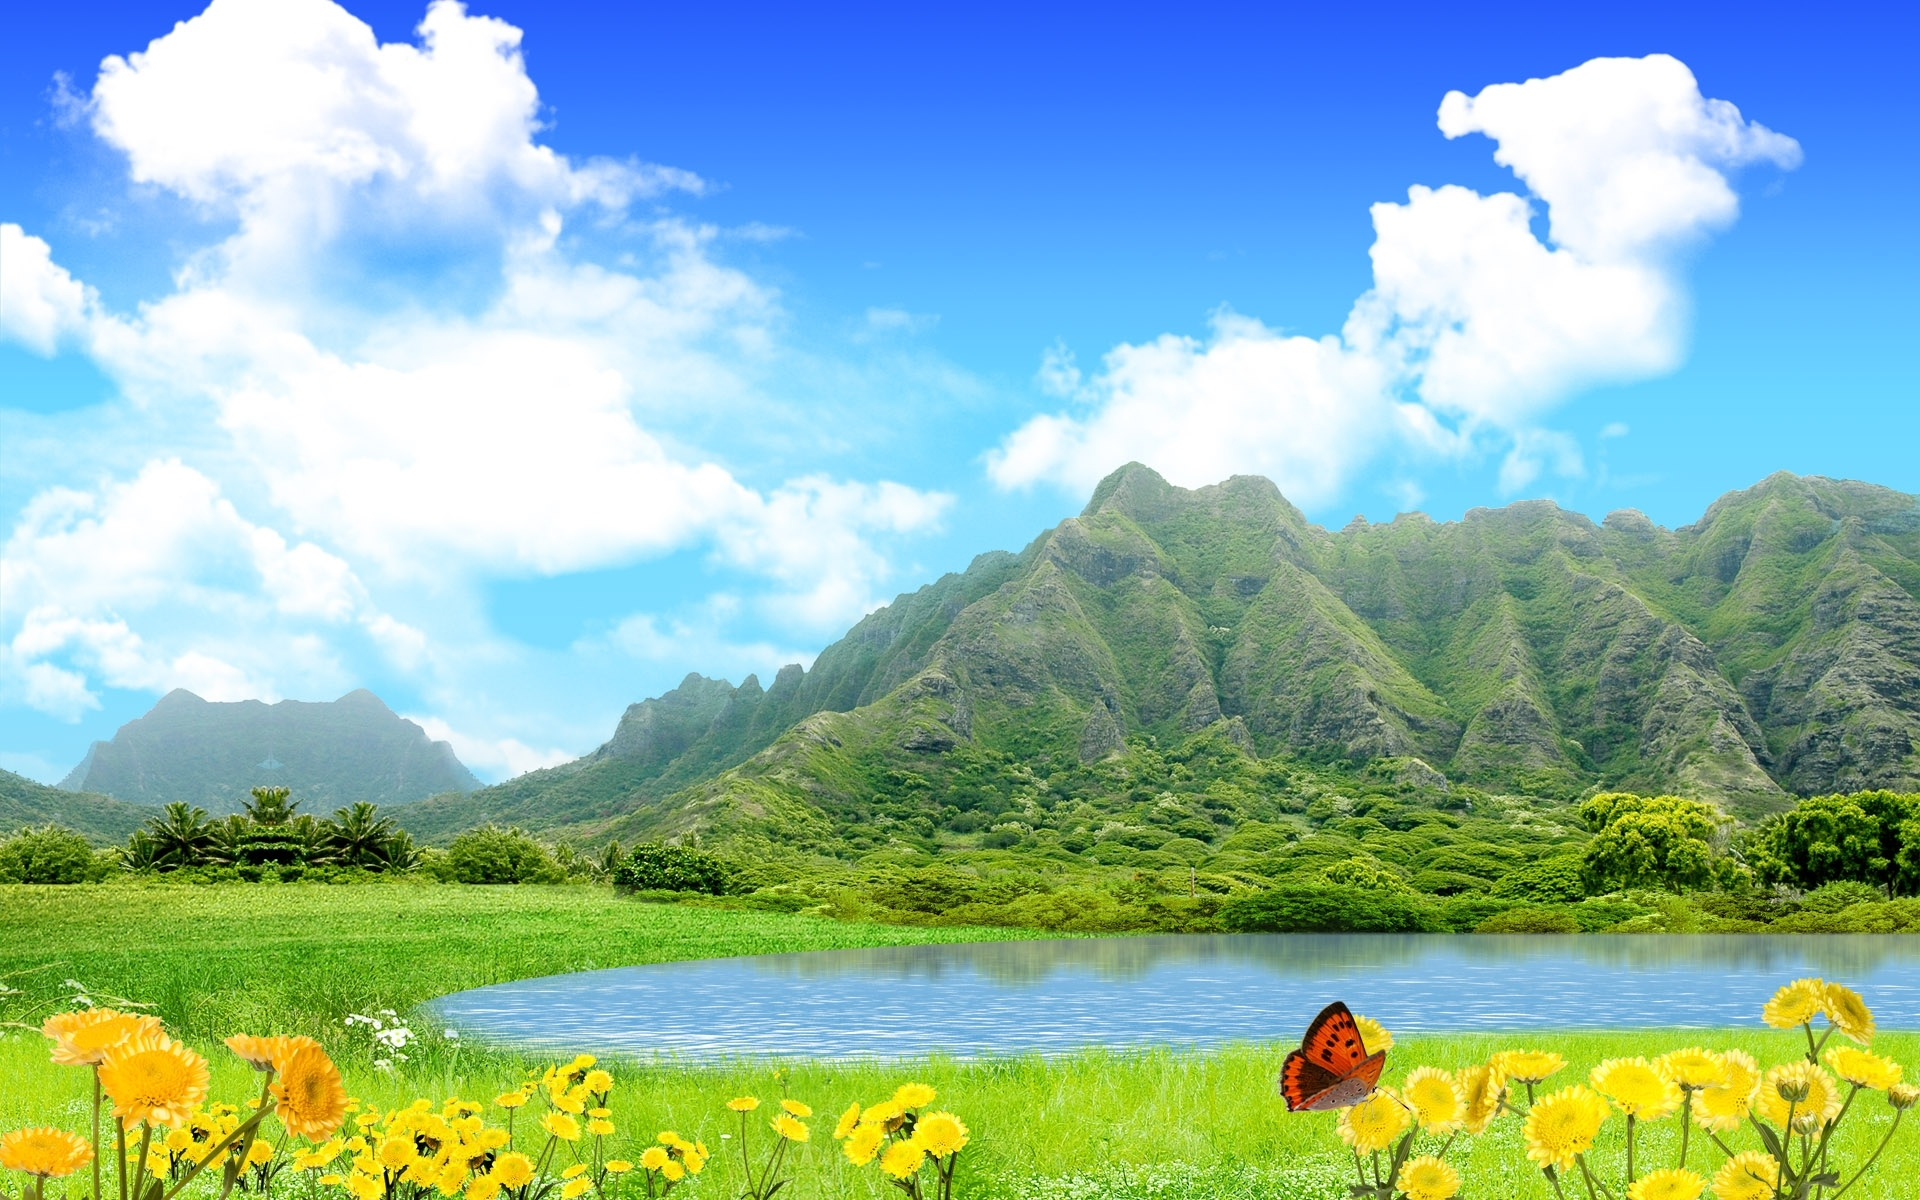 Скачать картинку Горы, Озера, Небо, Пейзаж в телефон бесплатно.